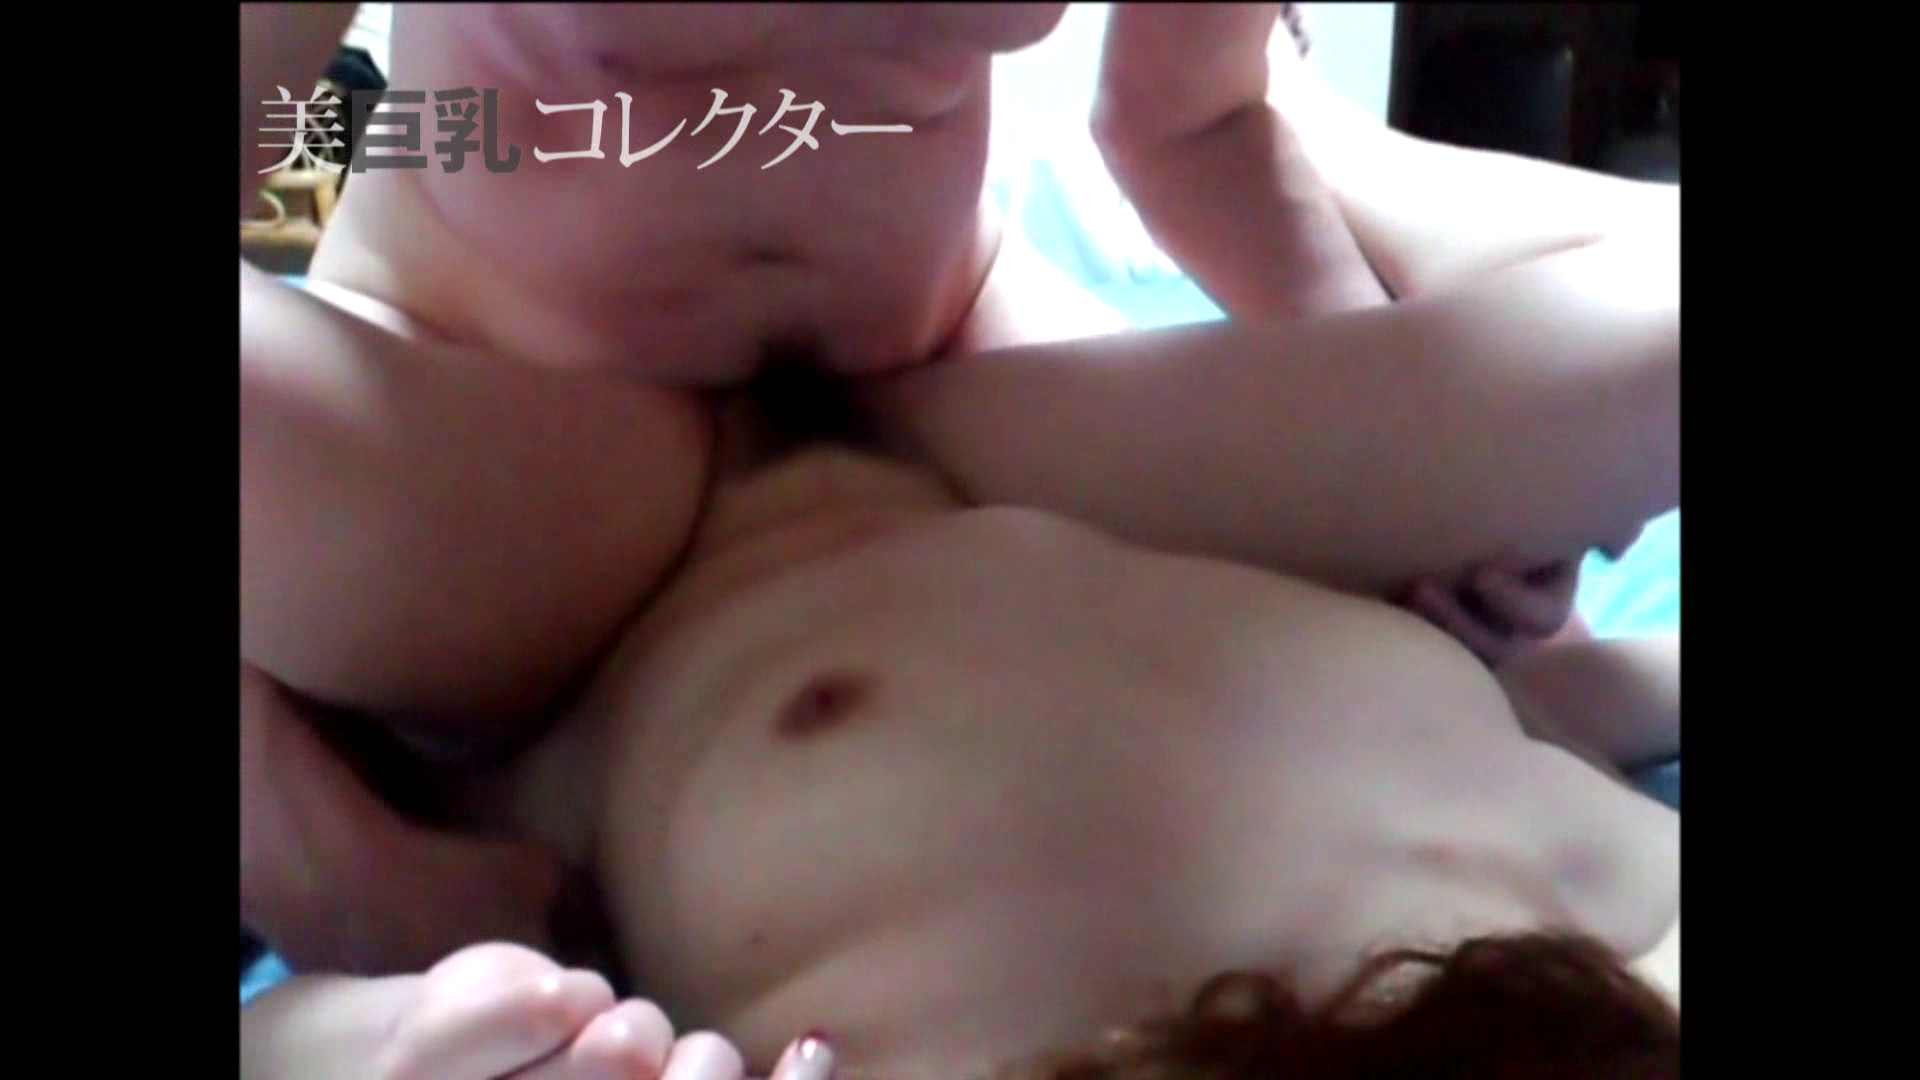 泥酔スレンダー巨乳美女 巨乳  69PIX 16